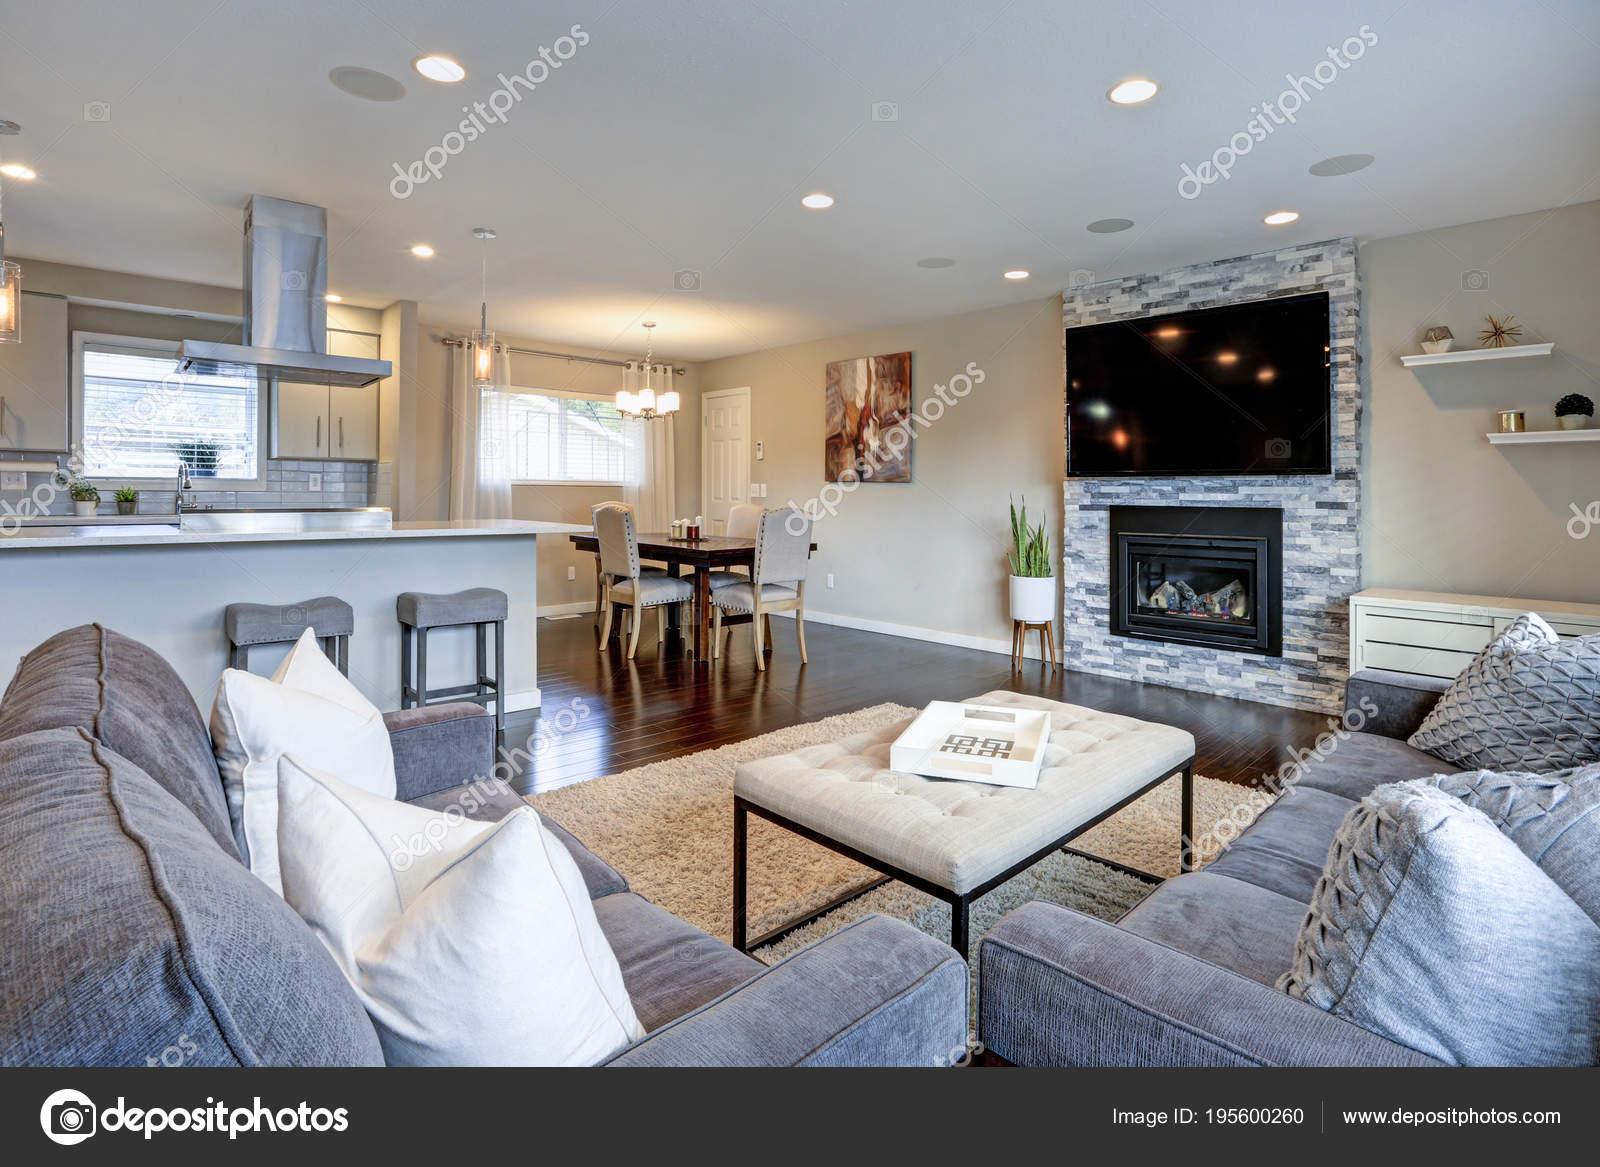 Bel grigio soggiorno con camino in pietra. — Foto Stock ...